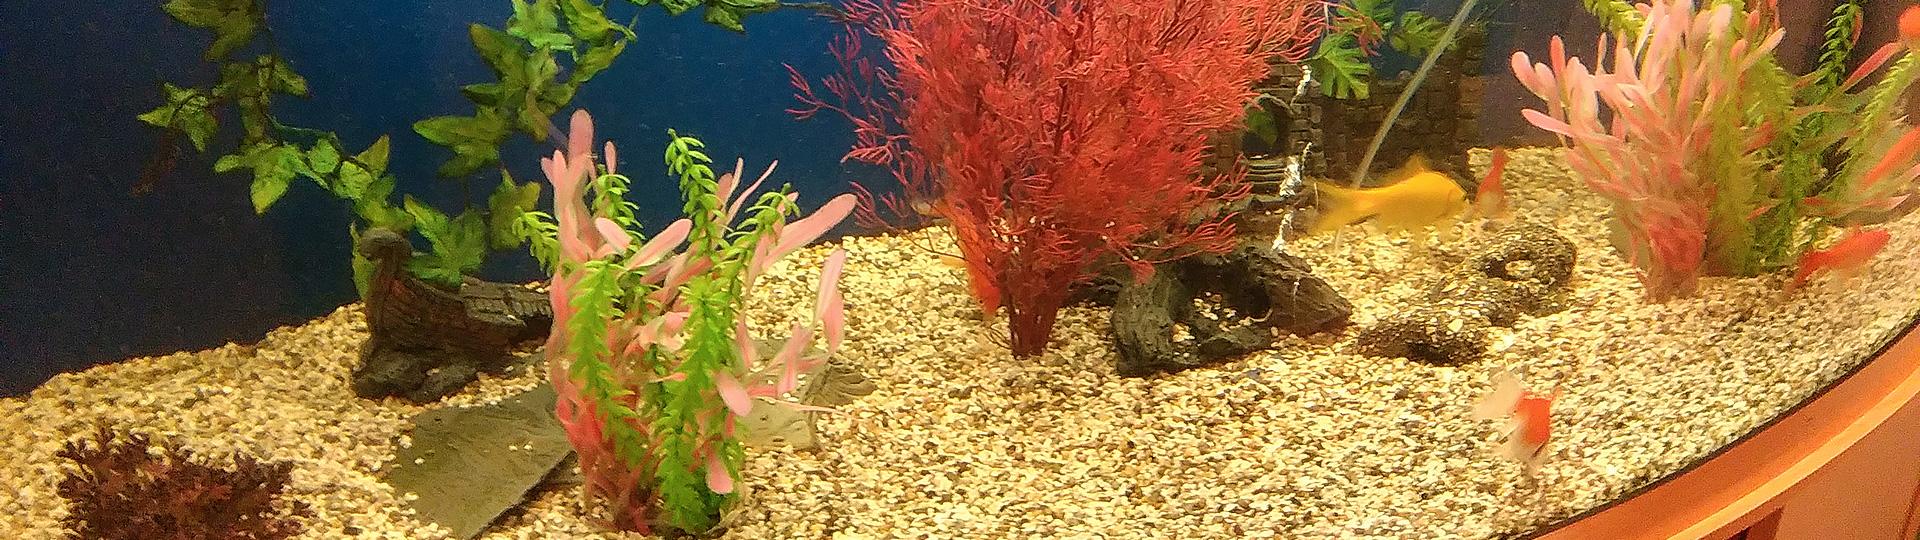 aquarium-slides7